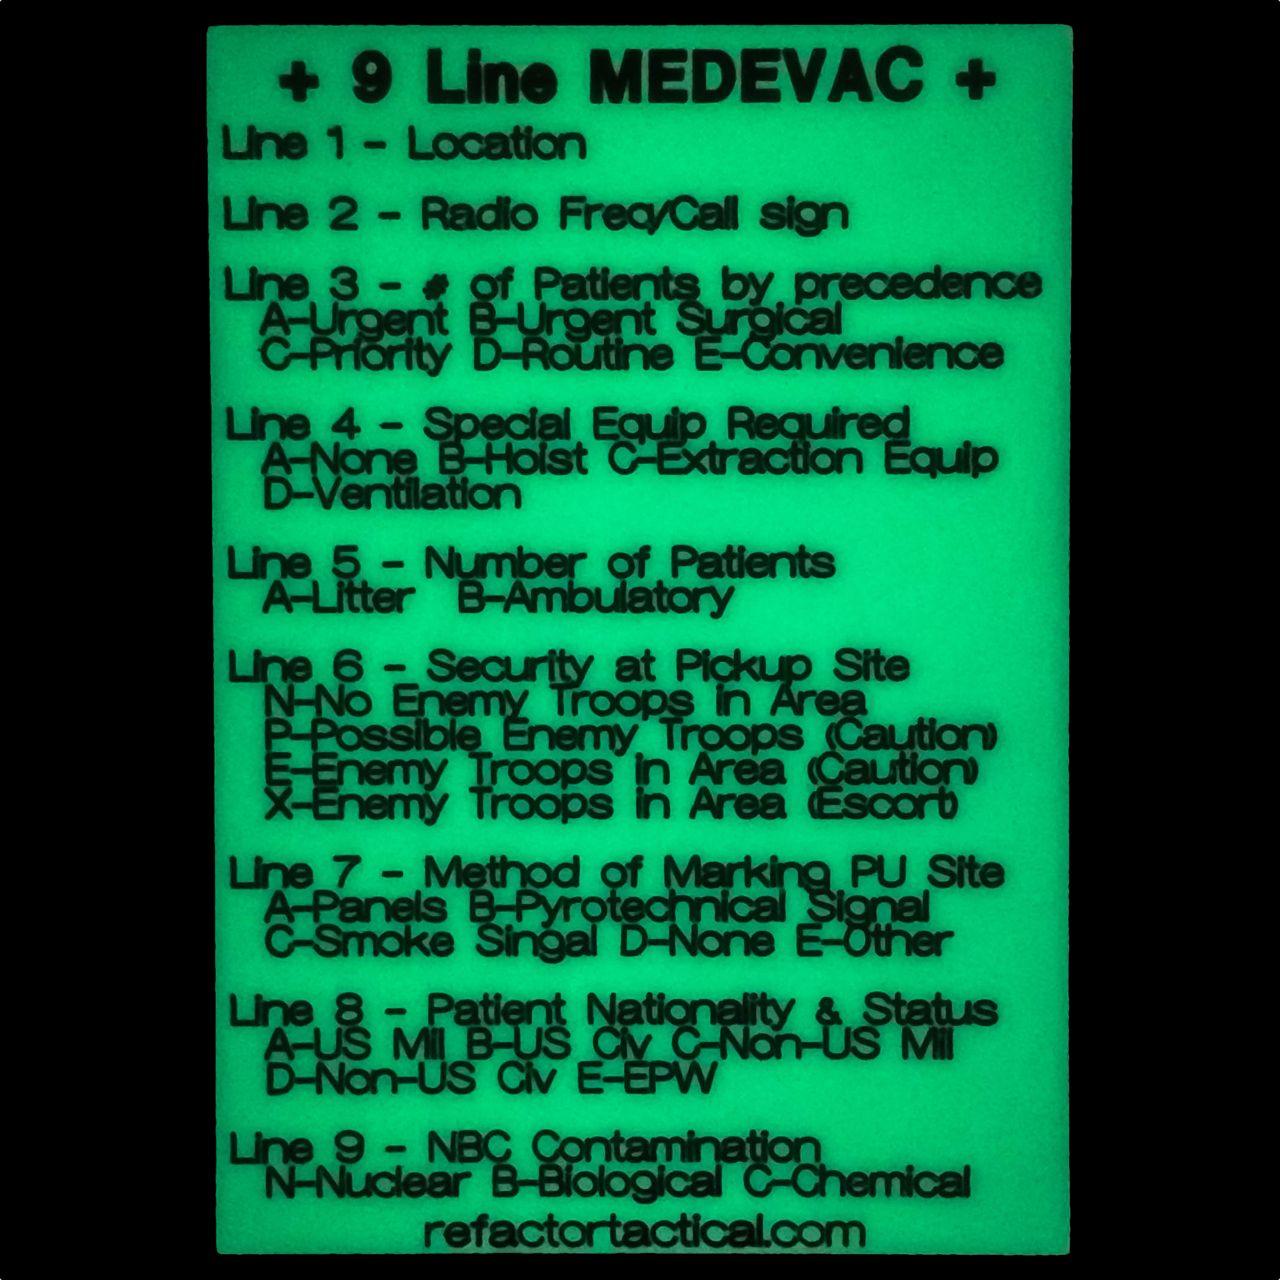 9 line medevac card army